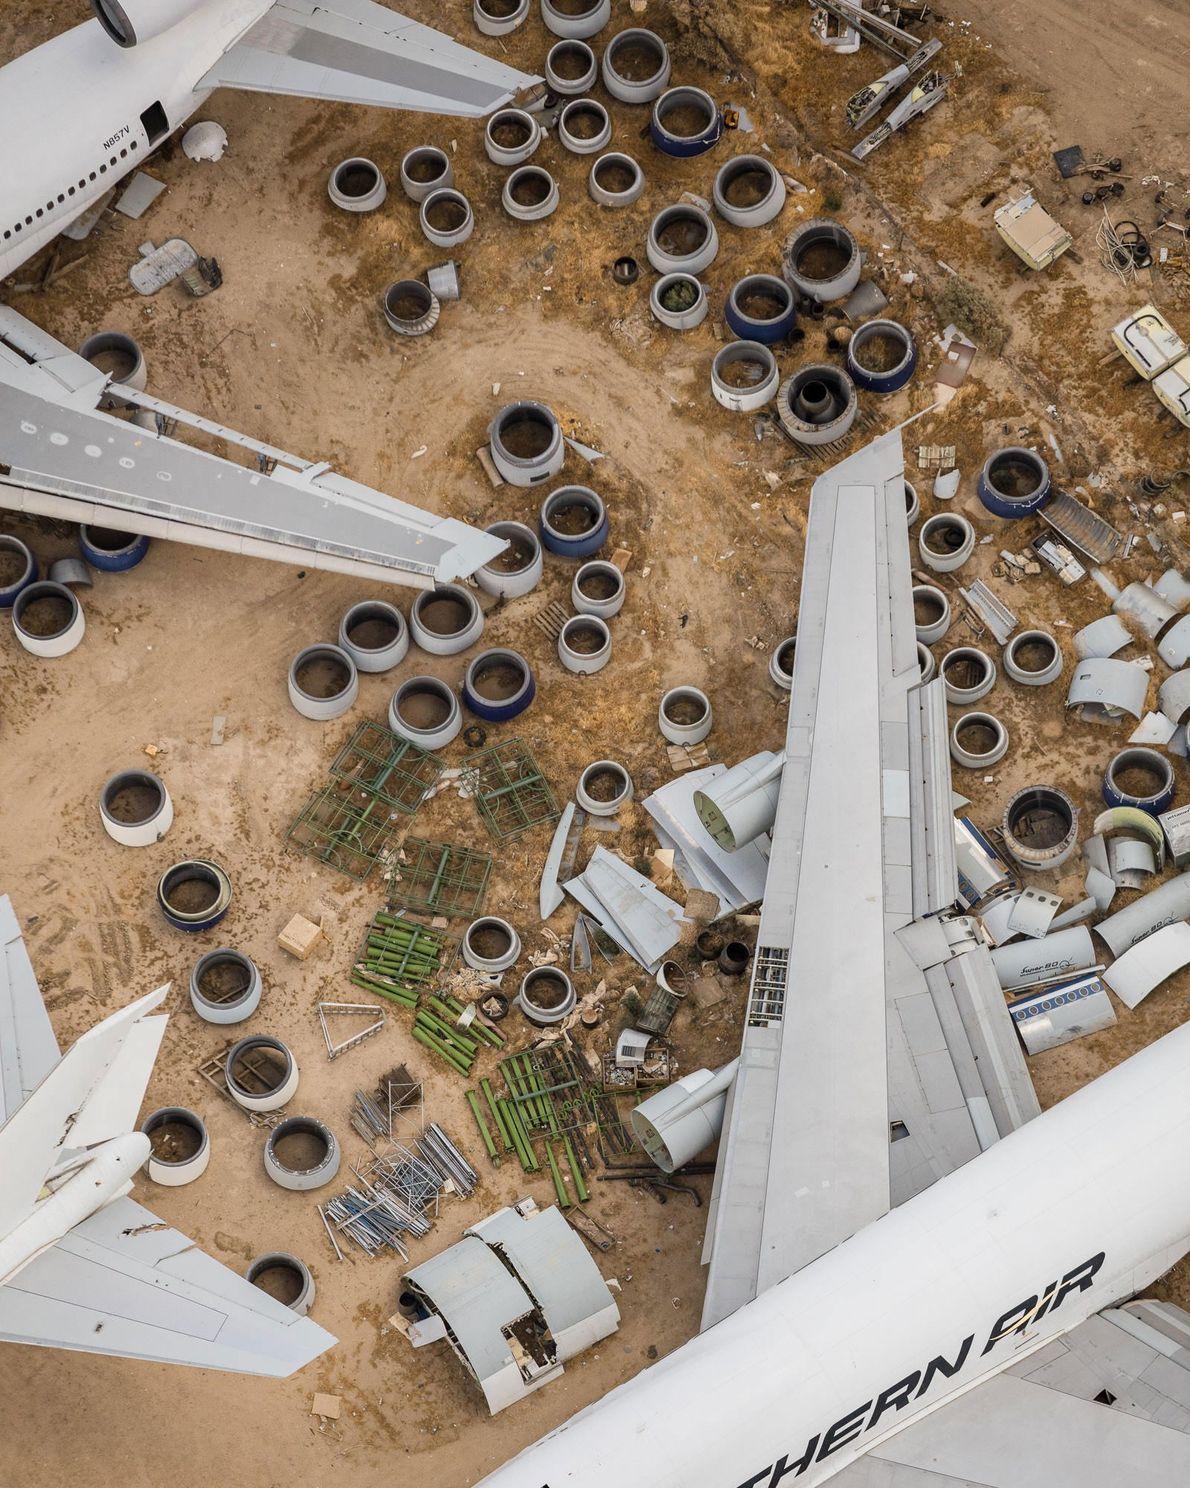 Armazém de peças e aeronaves fora de circulação em Mojave, na Califórnia.